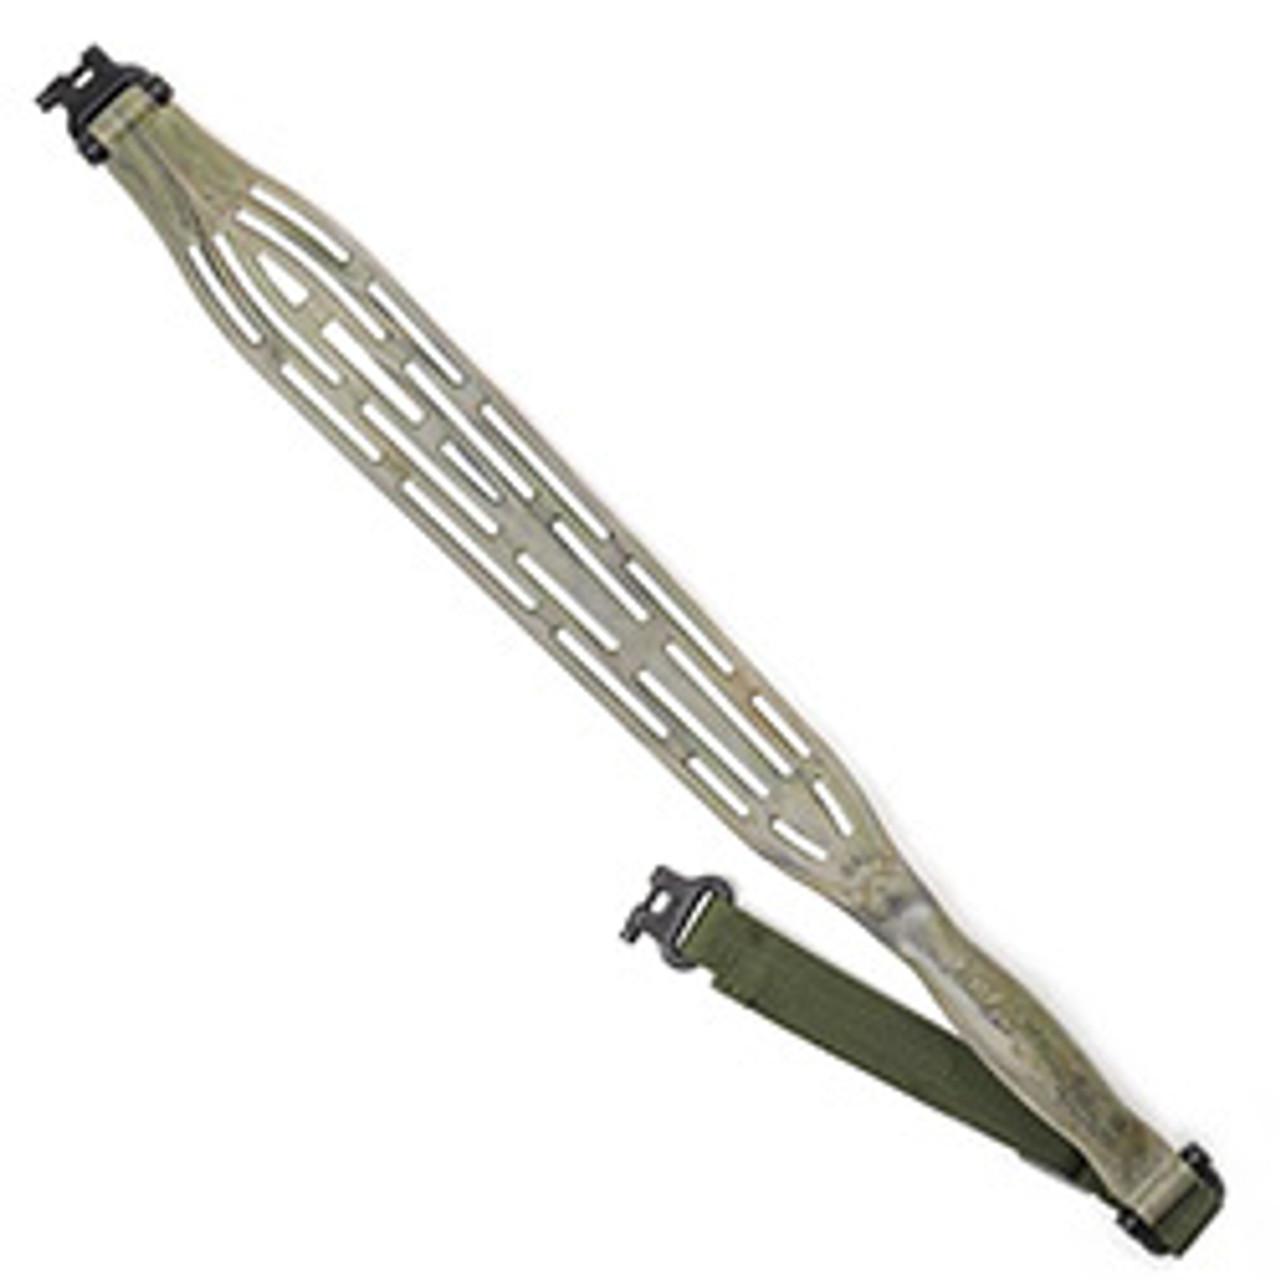 Kodiak Lite Crossbow Sling by LimbSaver